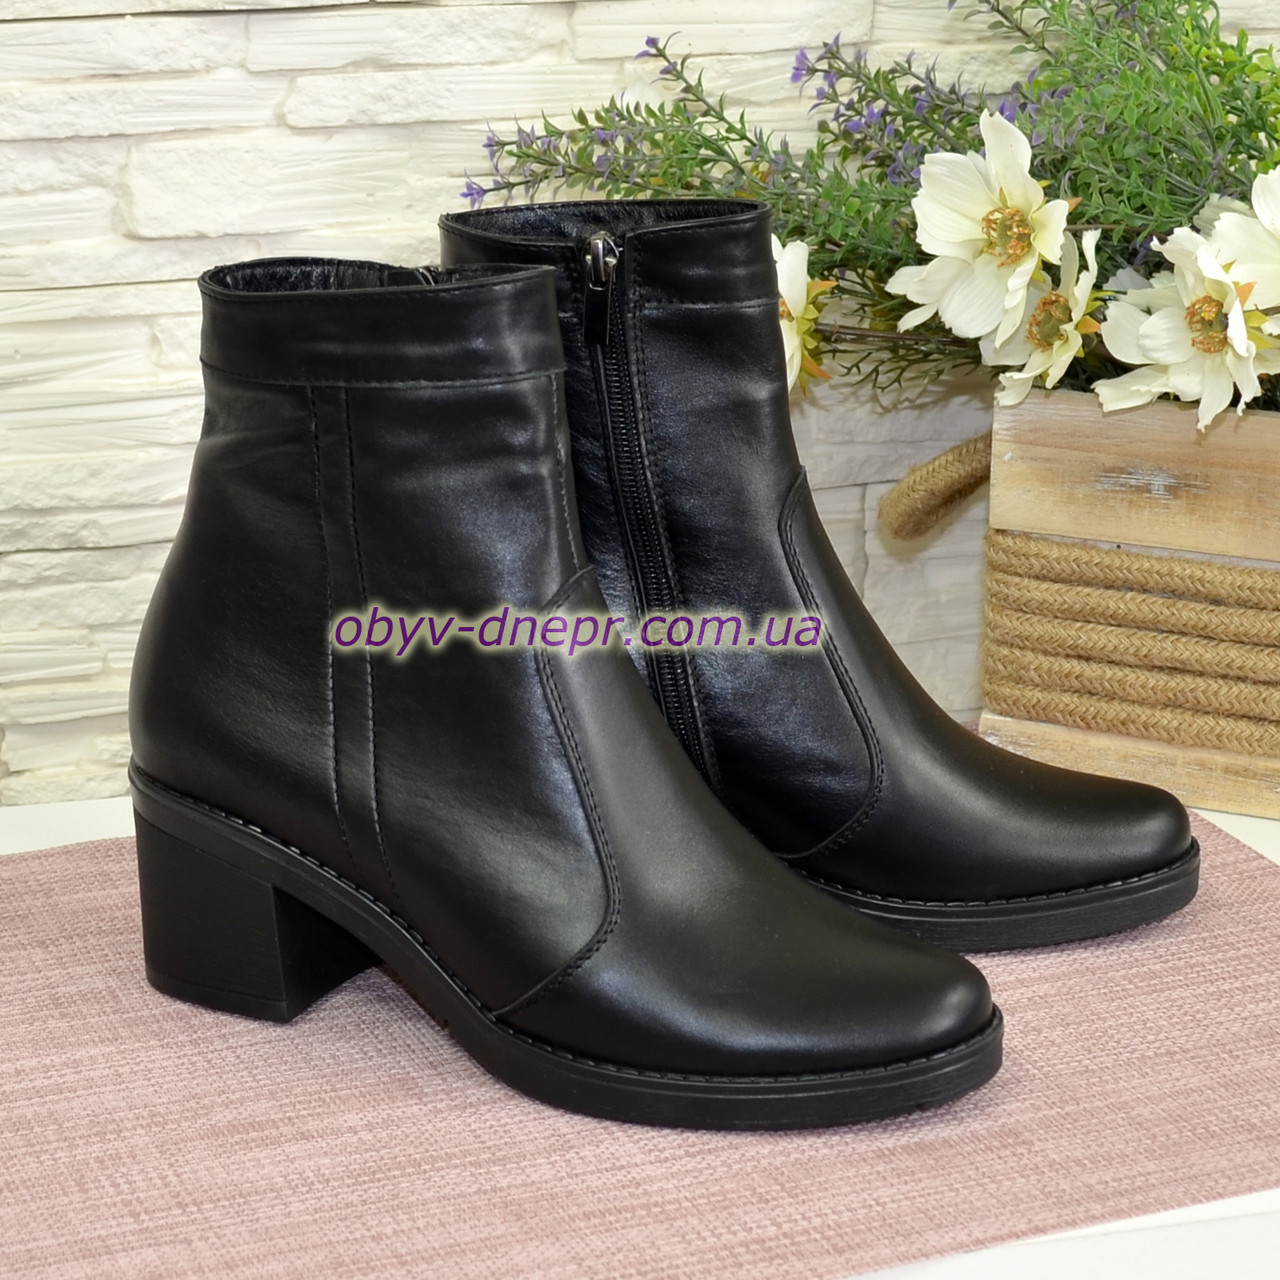 Ботинки зимние кожаные на невысоком каблуке